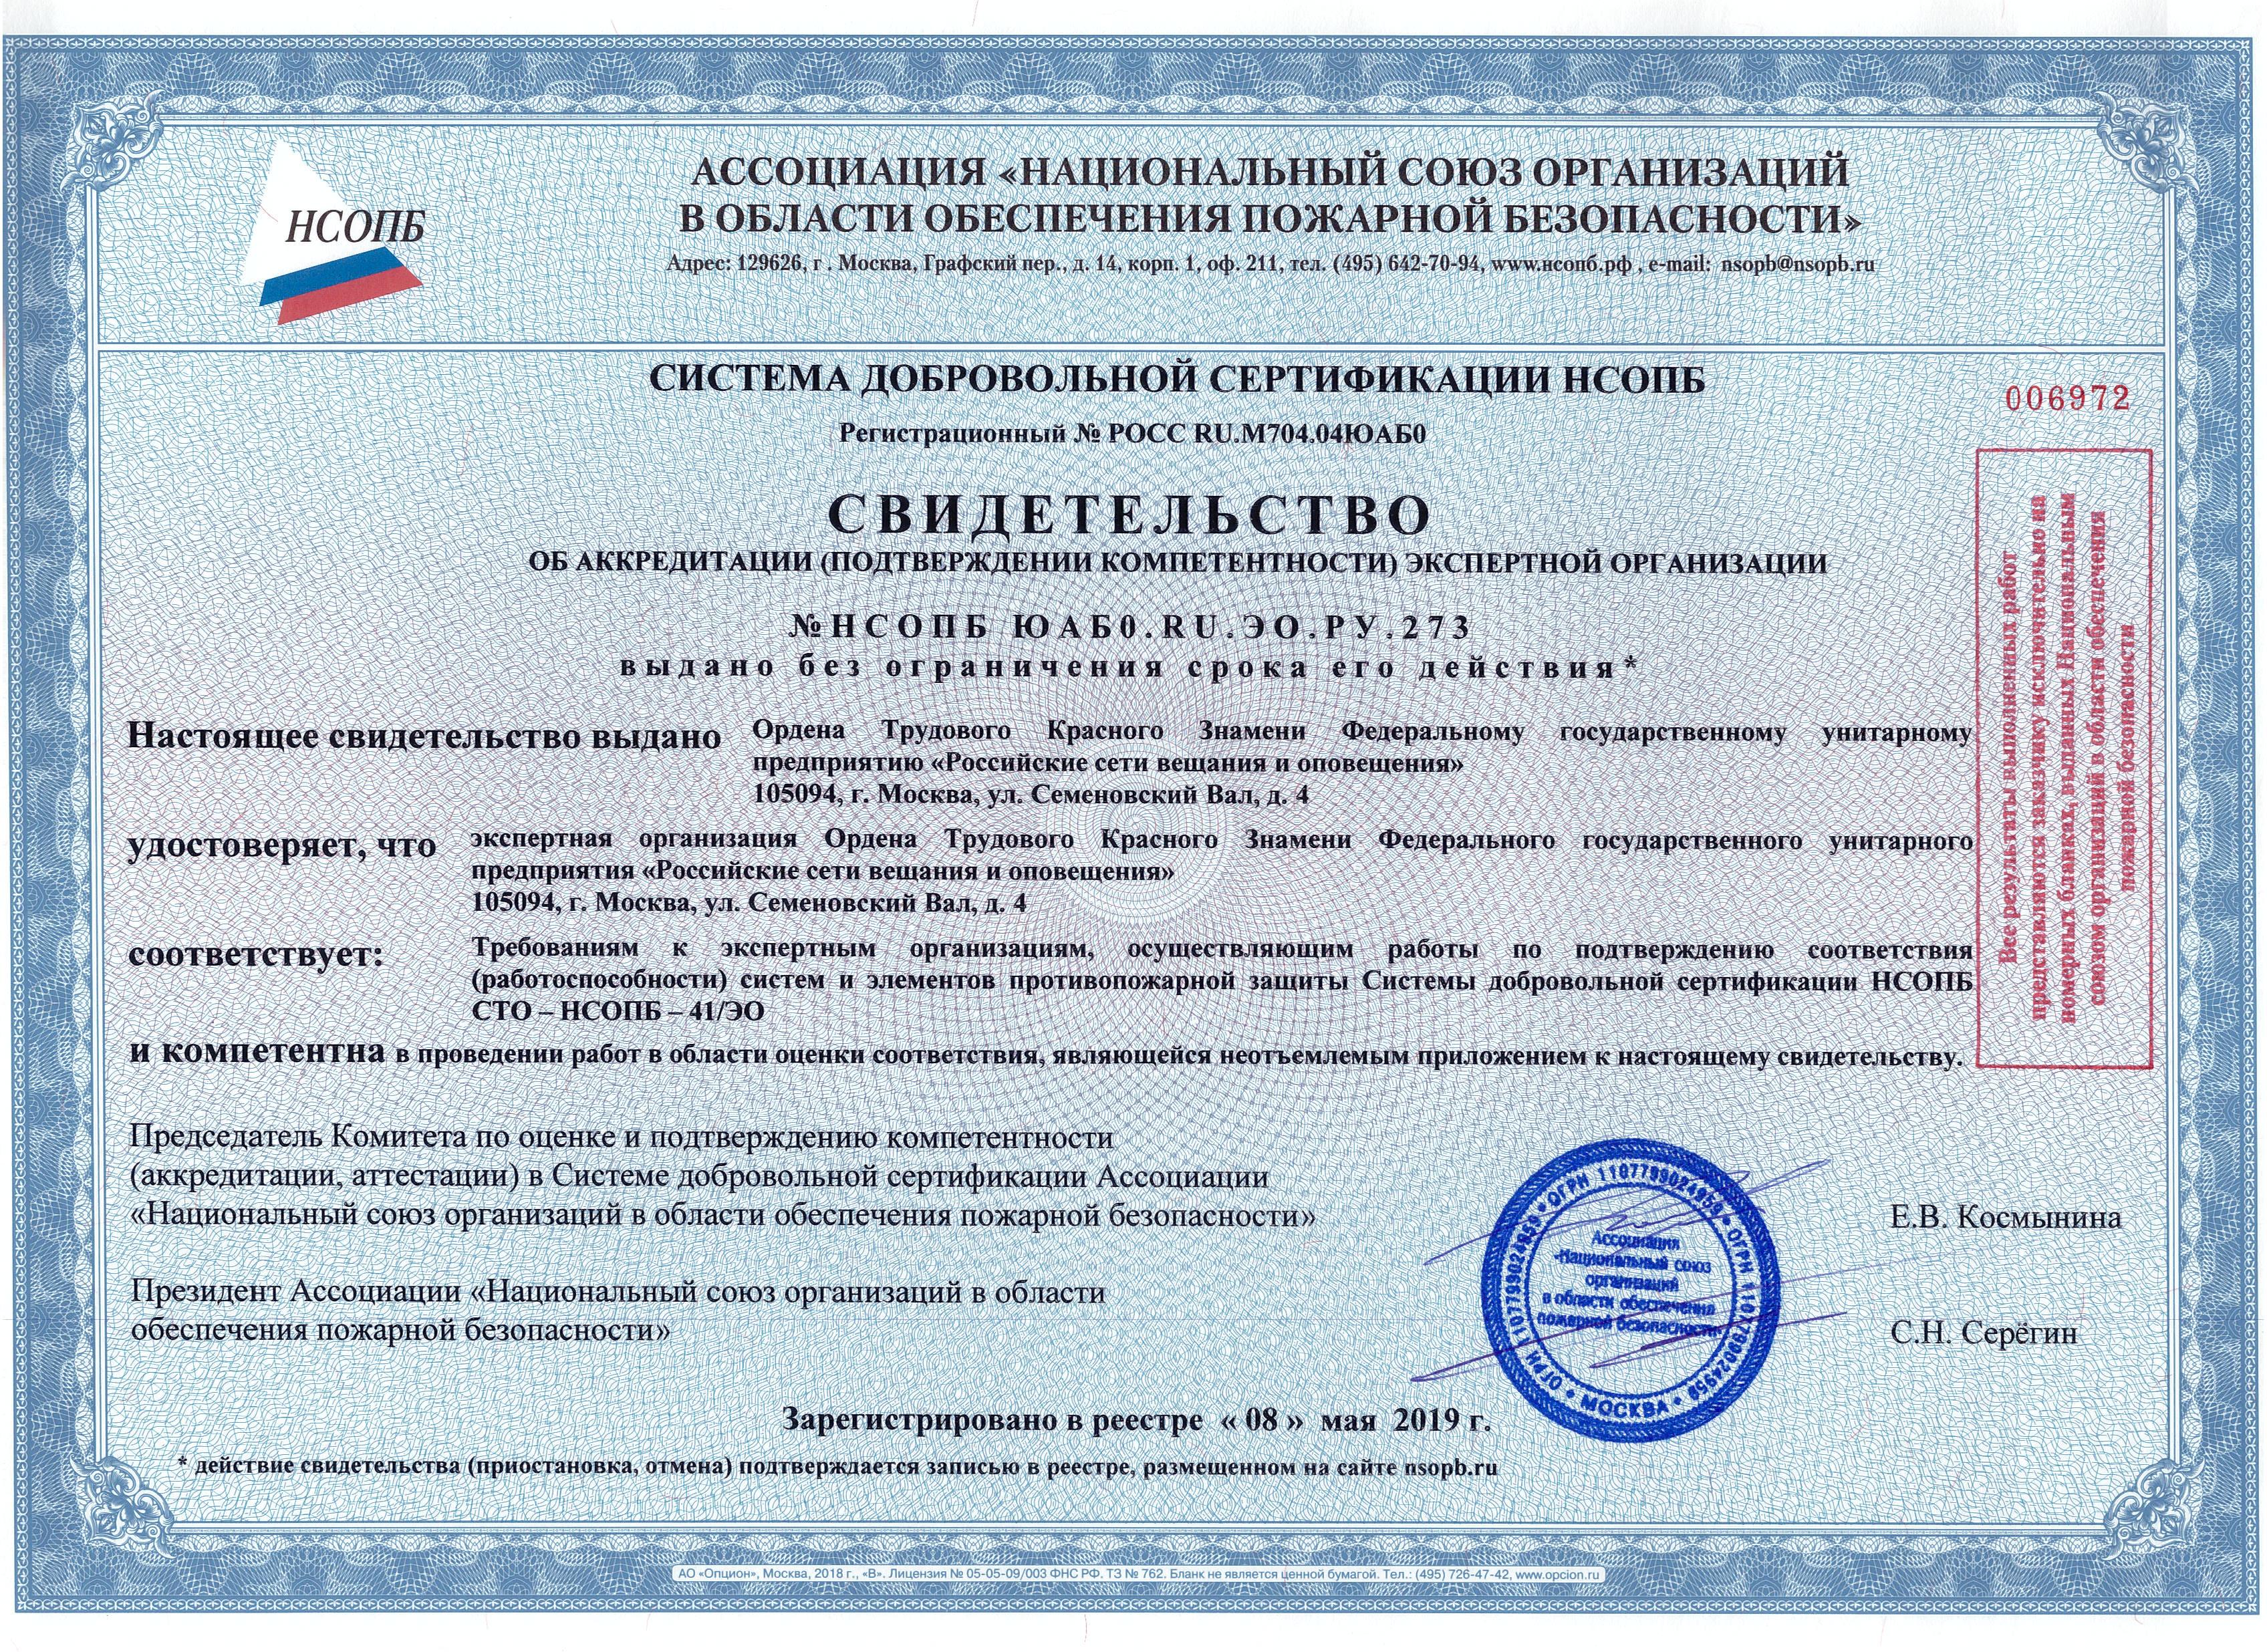 свидетельство об аккредитации в системе НСОПБ